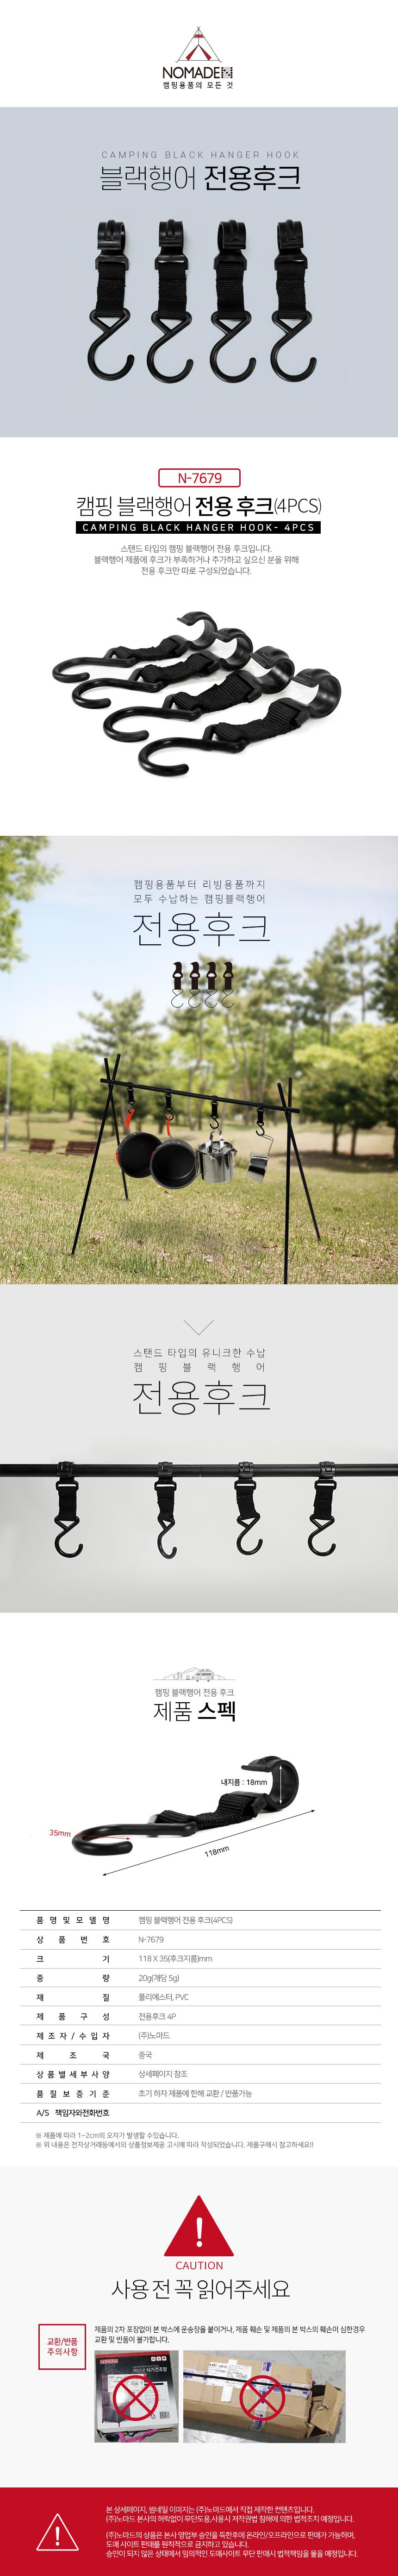 캠핑블랙행어전용후크 4pcs